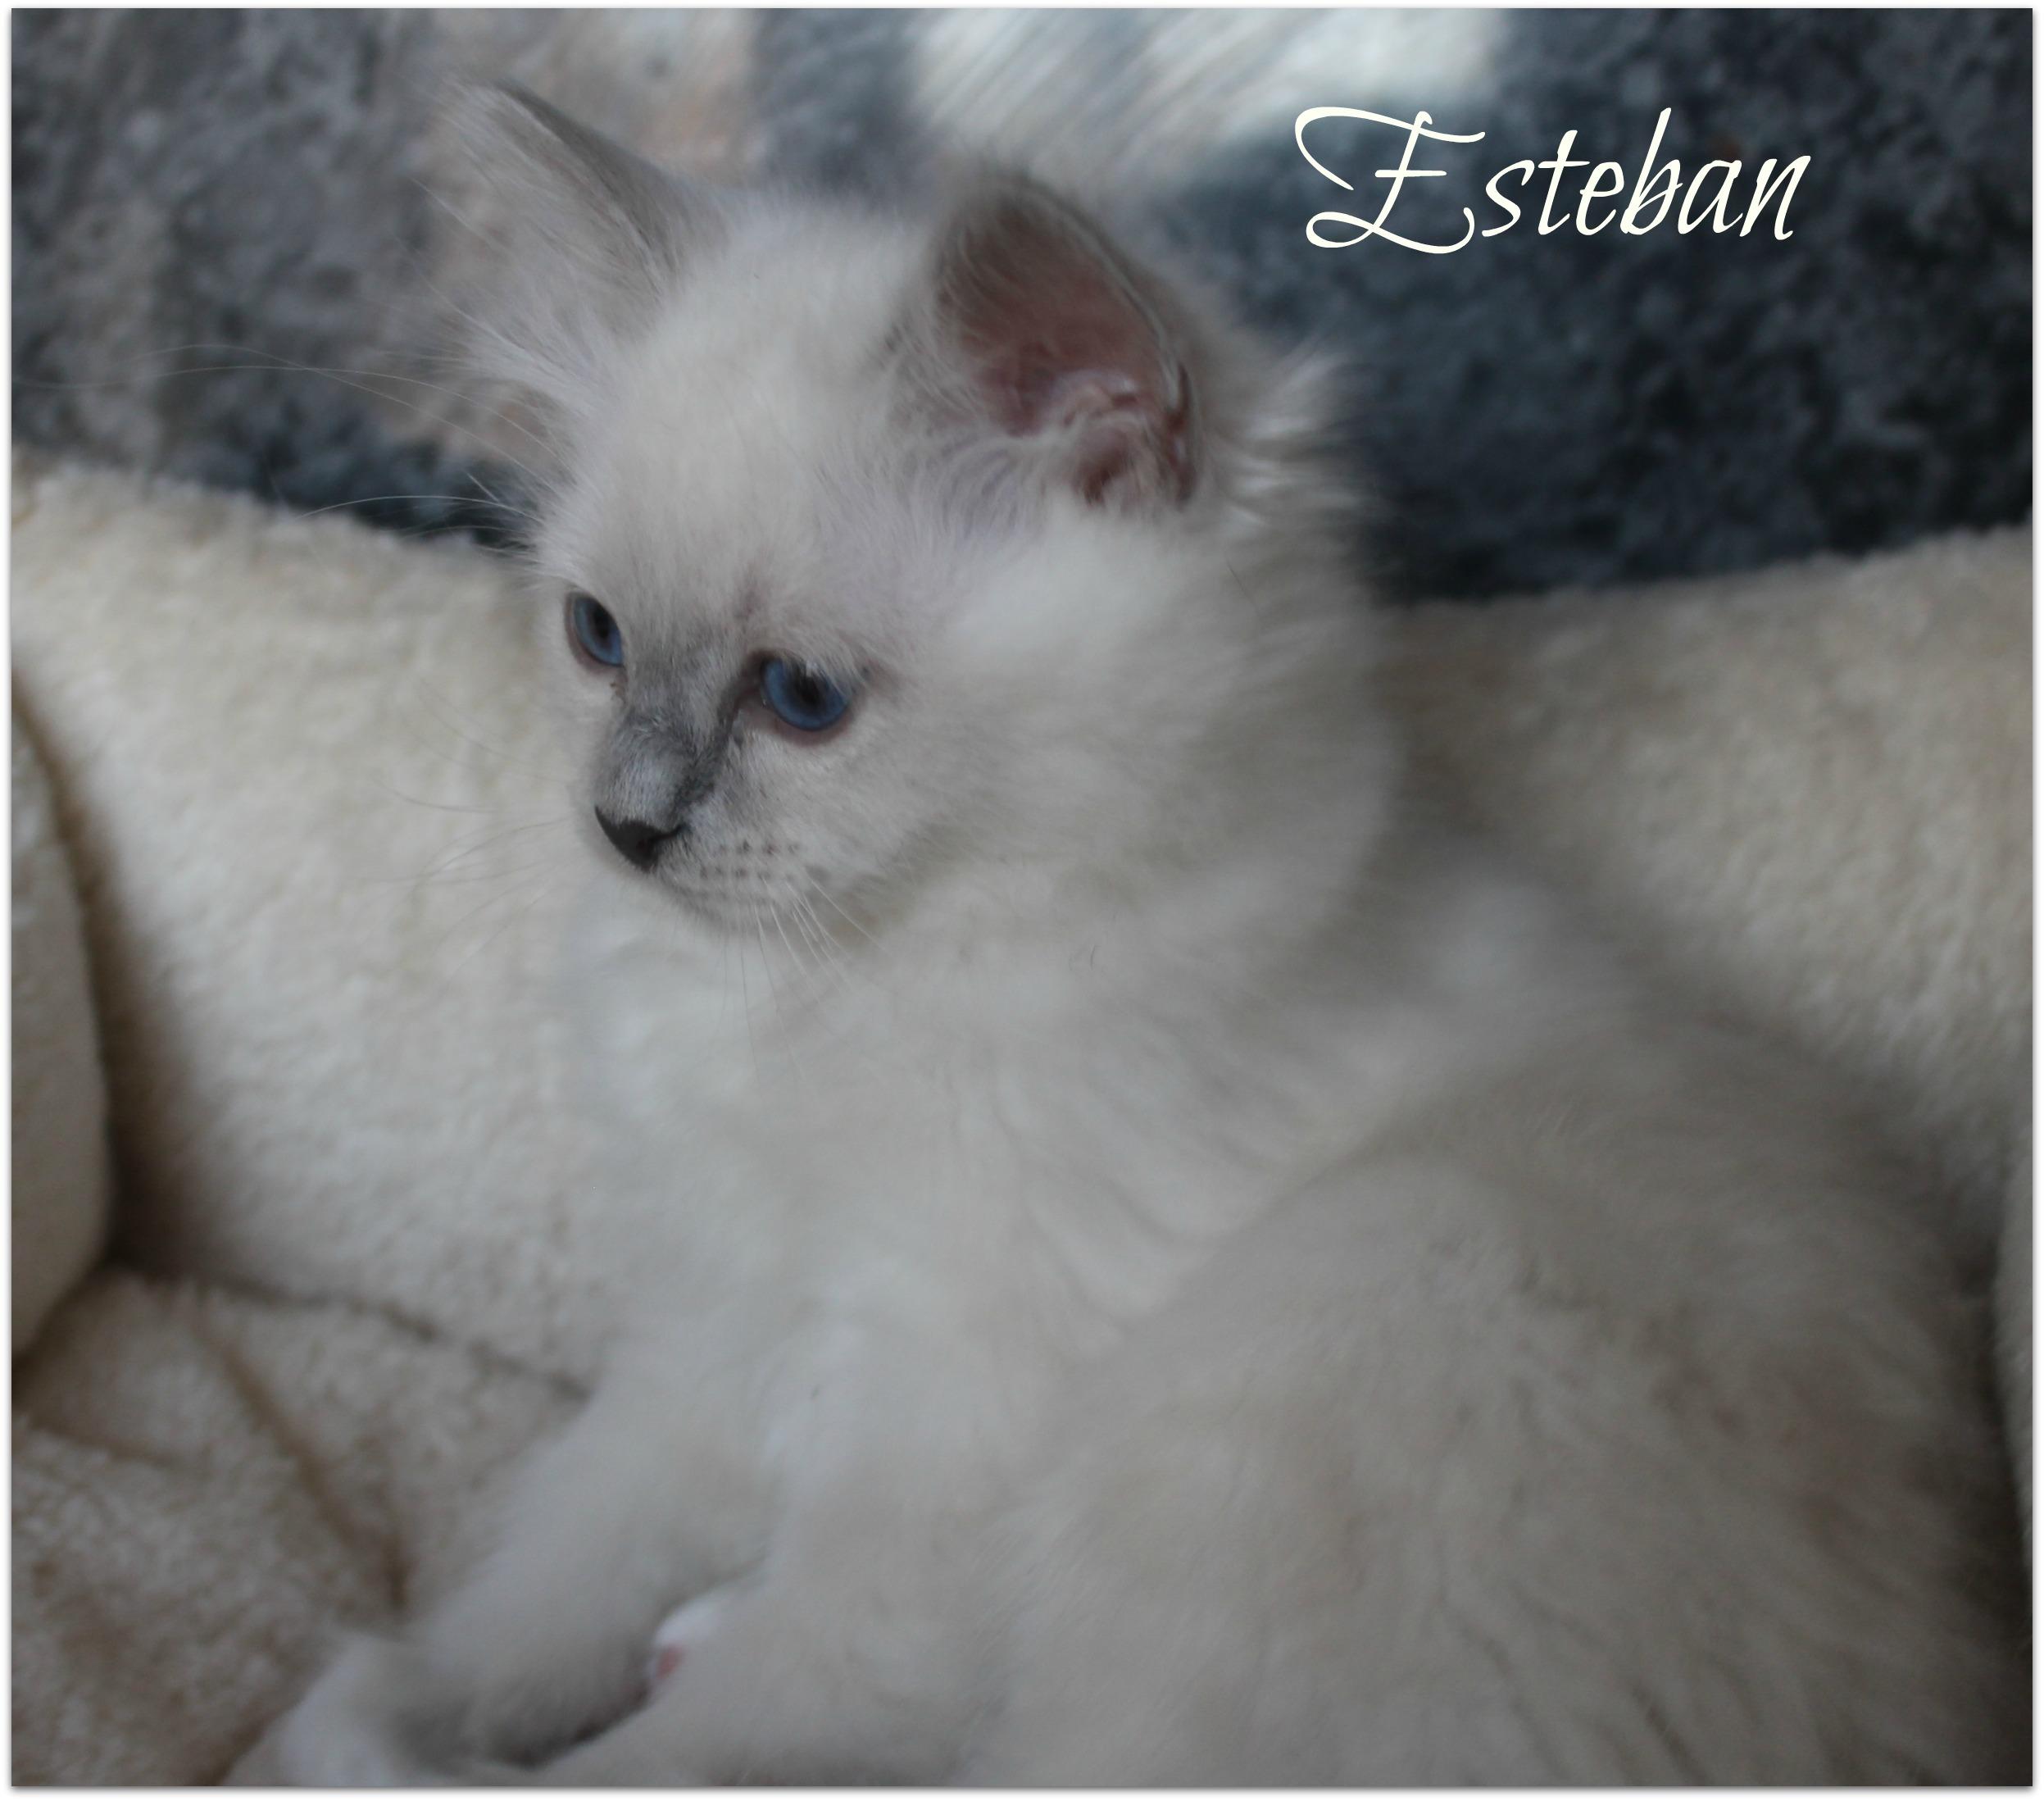 esteban1_0